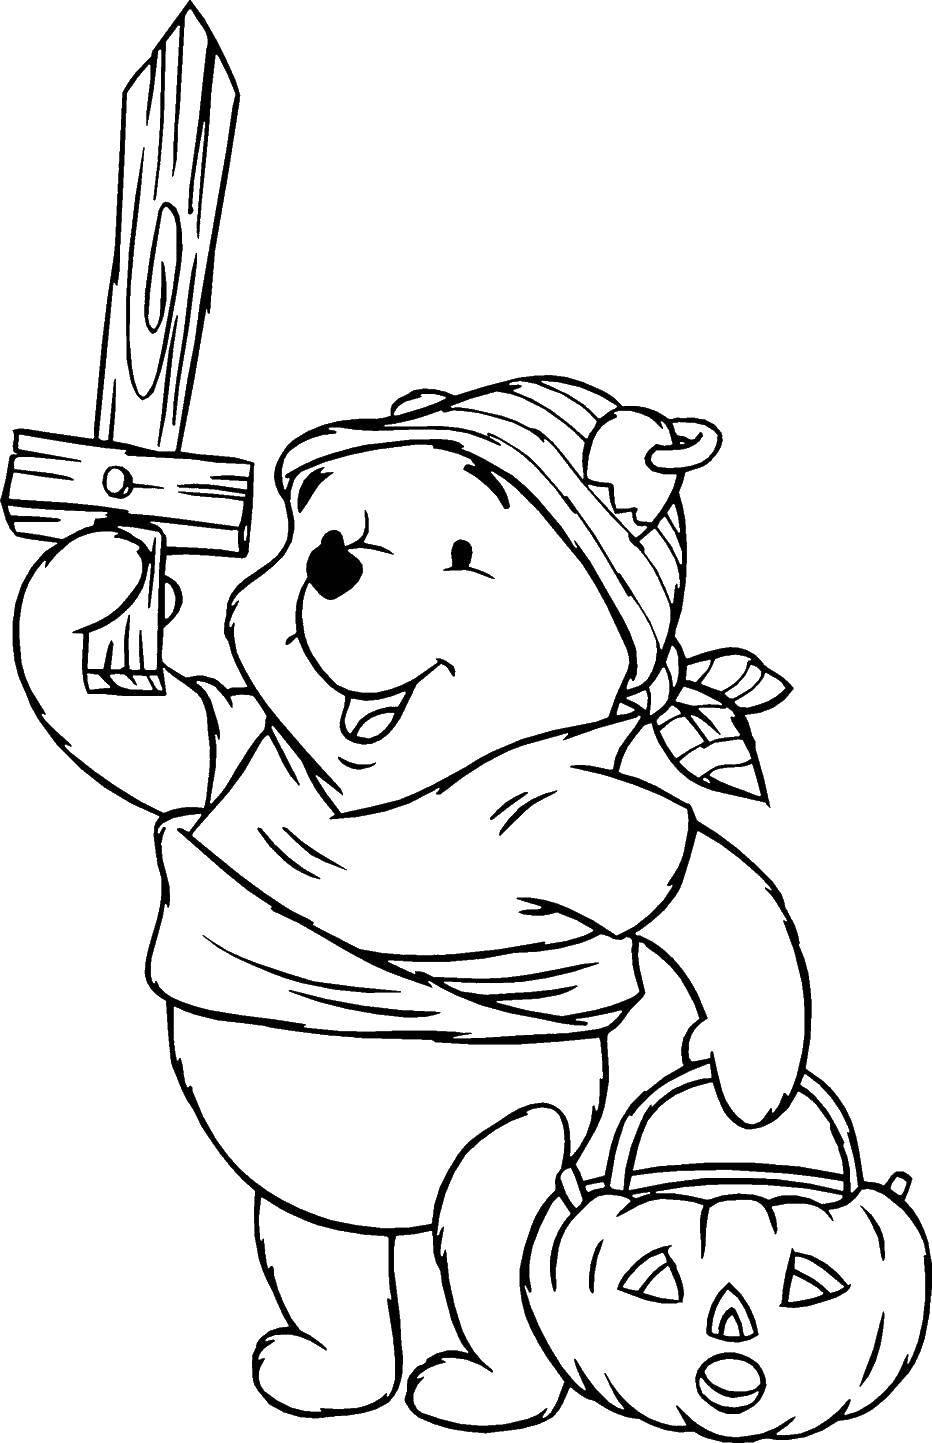 Раскраска Диснеевские раскраски Скачать заяц, волк, мультик.  Распечатать ,мультики,